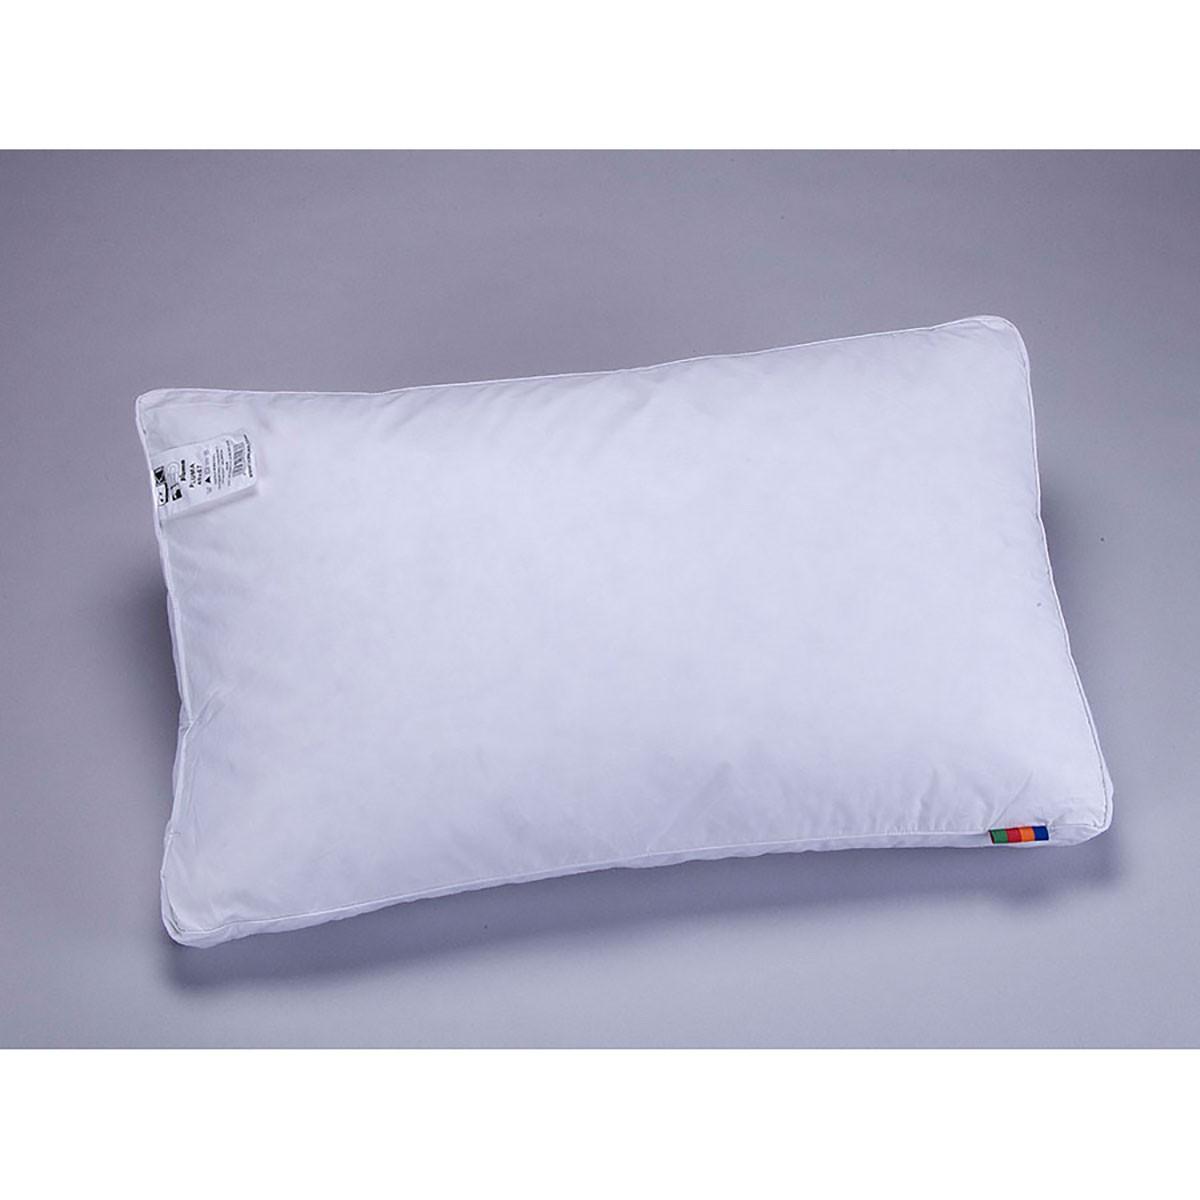 Μαξιλάρι Ύπνου Πουπουλένιο Morven Mora Pulma